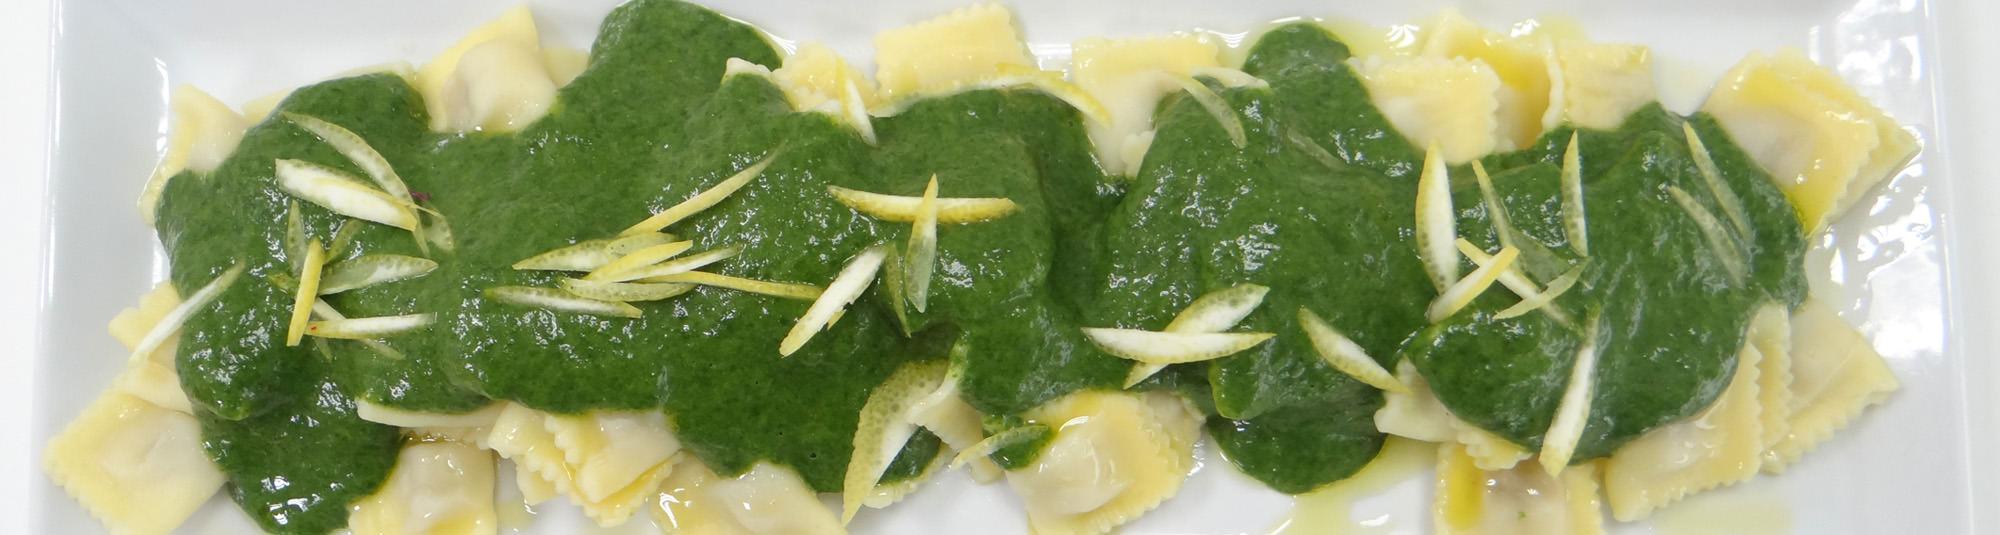 Raviolis con espinacas al limón Findus 1024 x 274